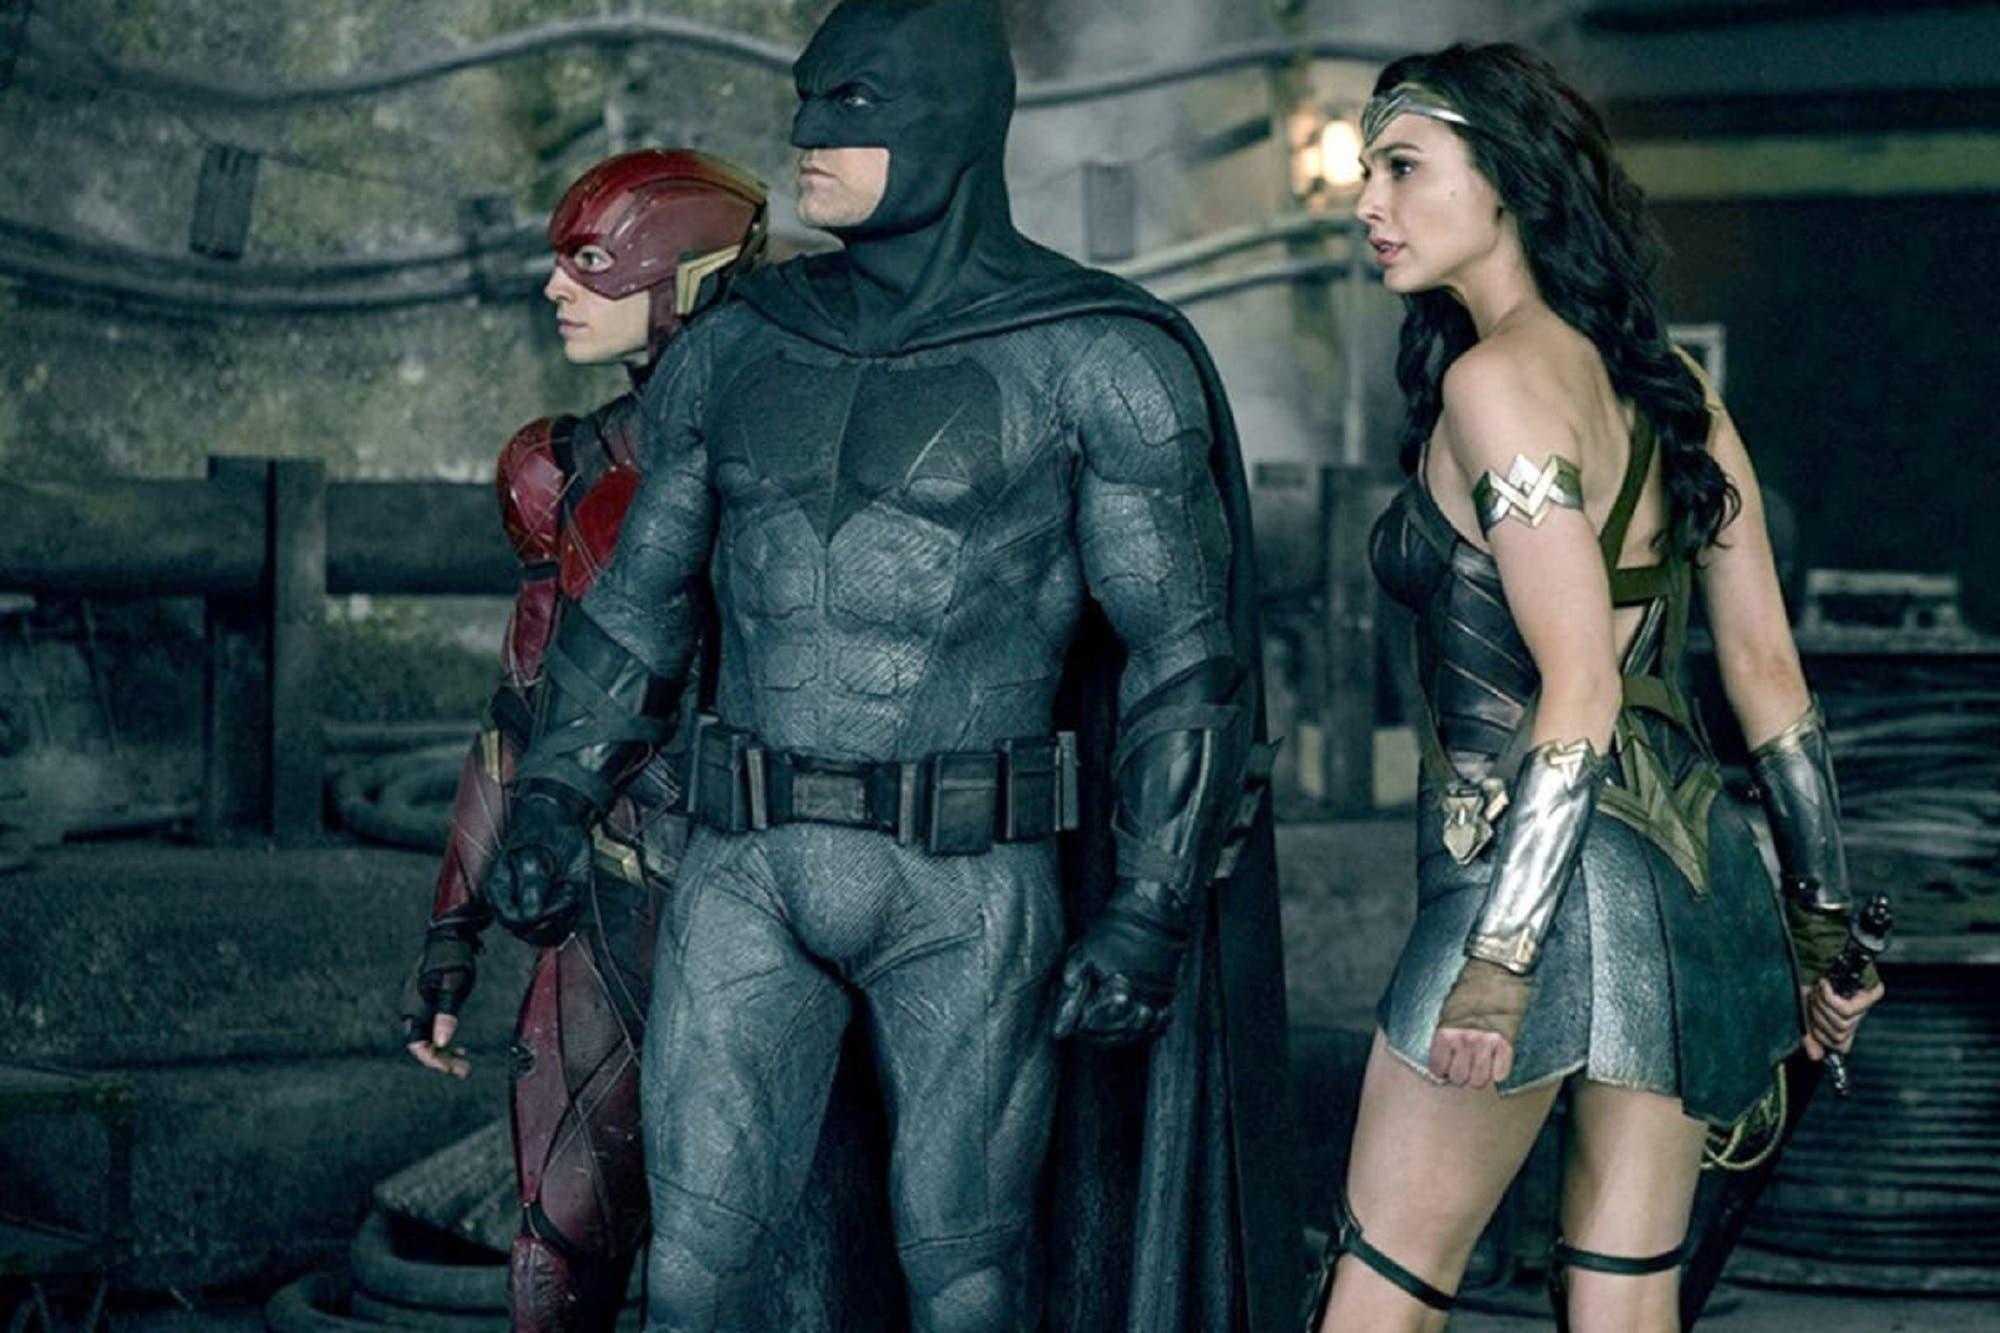 Liga de la Justicia de Zack Snyder será la segunda película más cara de la historia